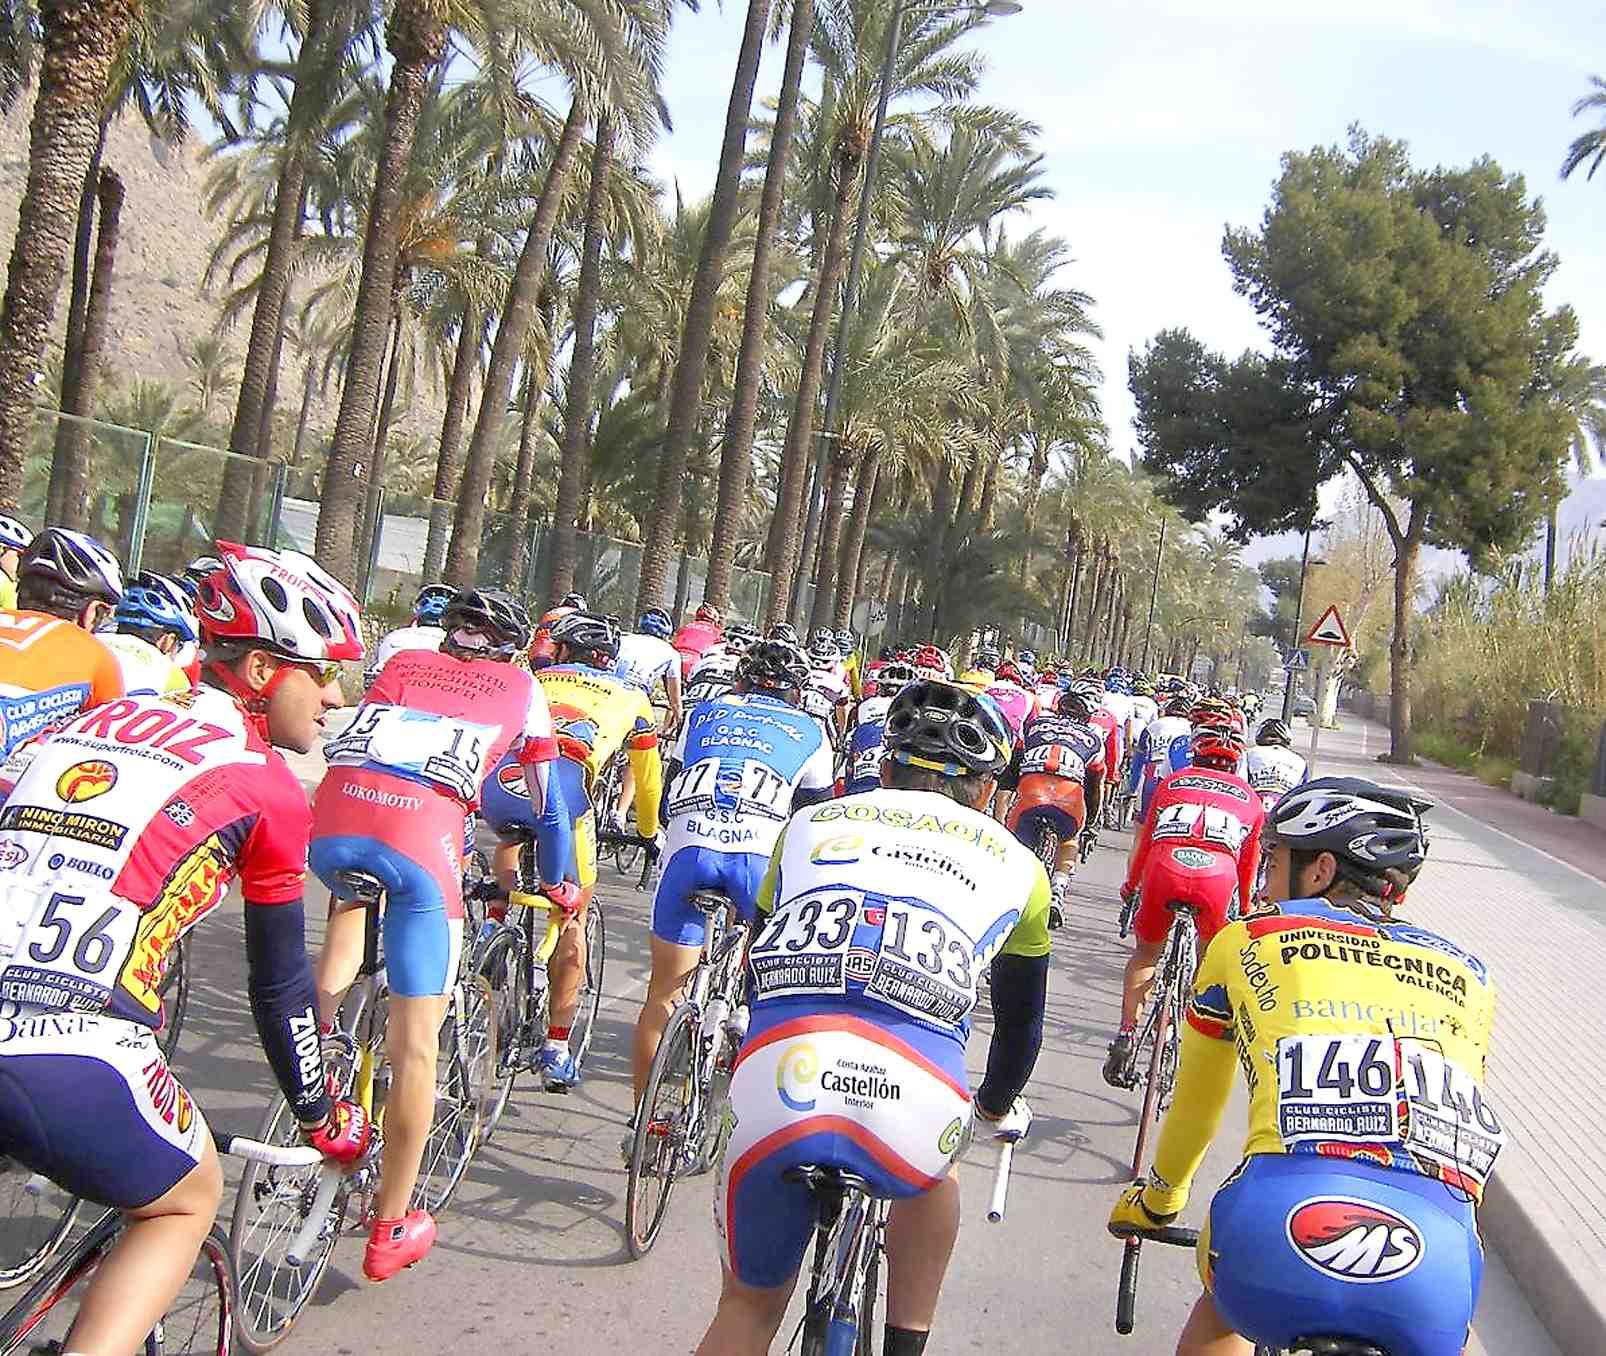 La etapa reina de la Vuelta Ciclista a la Provincia de Alicante finalizará en Ibi